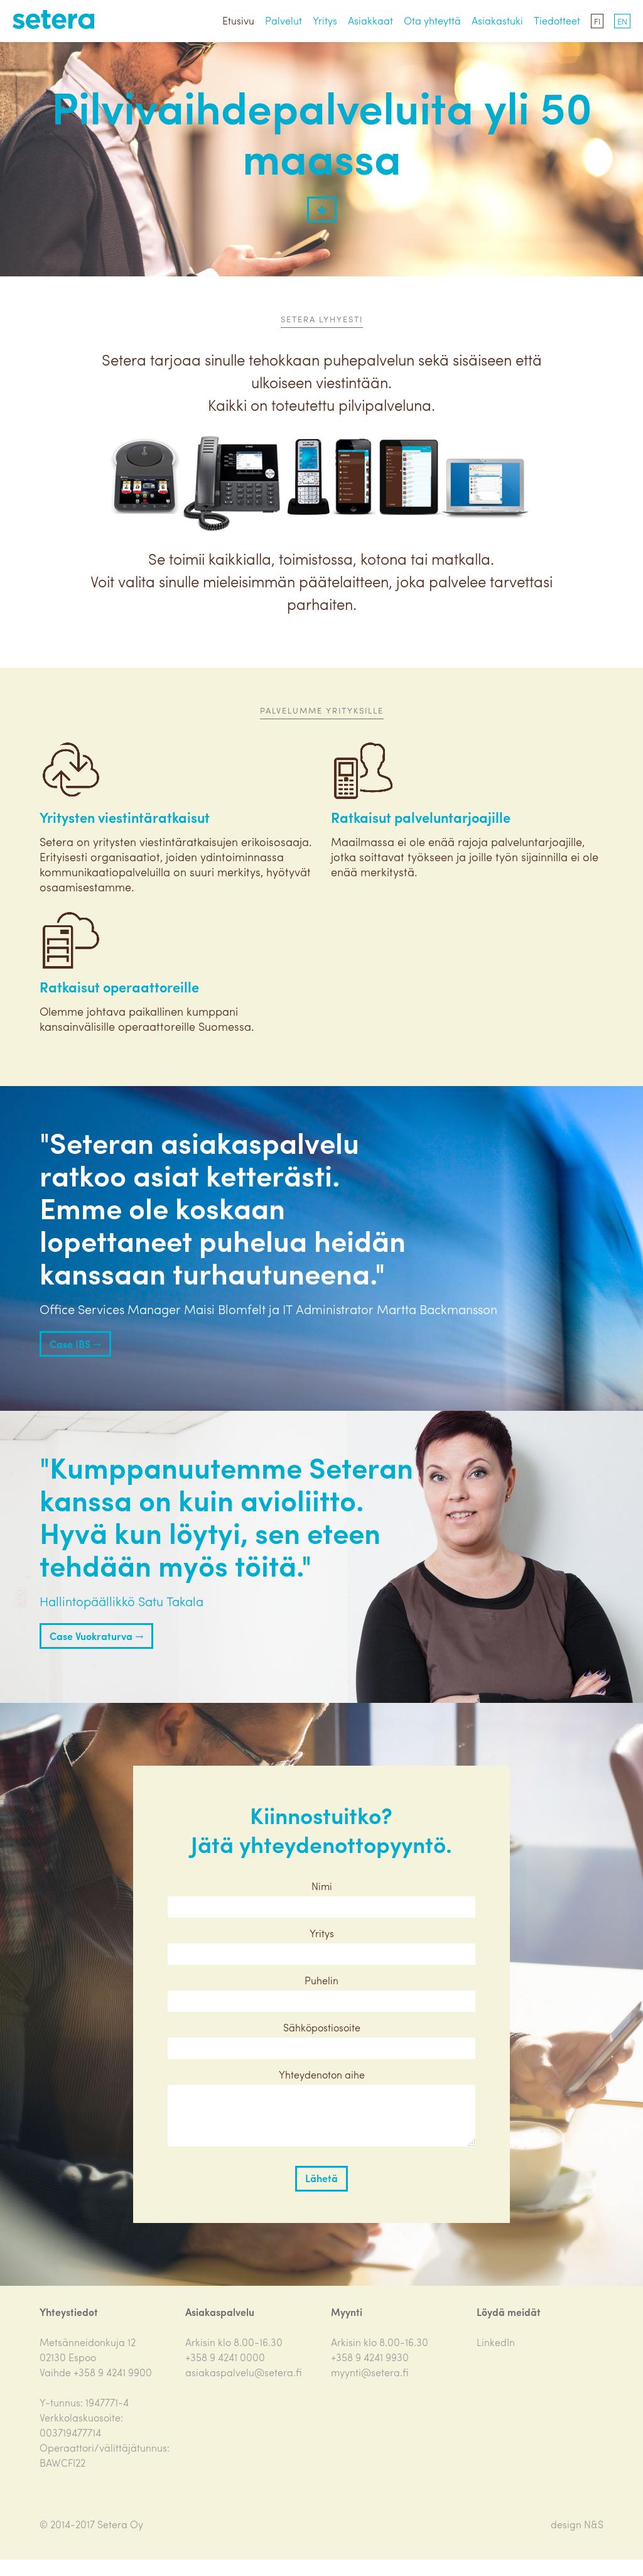 Avio liitto dating Website